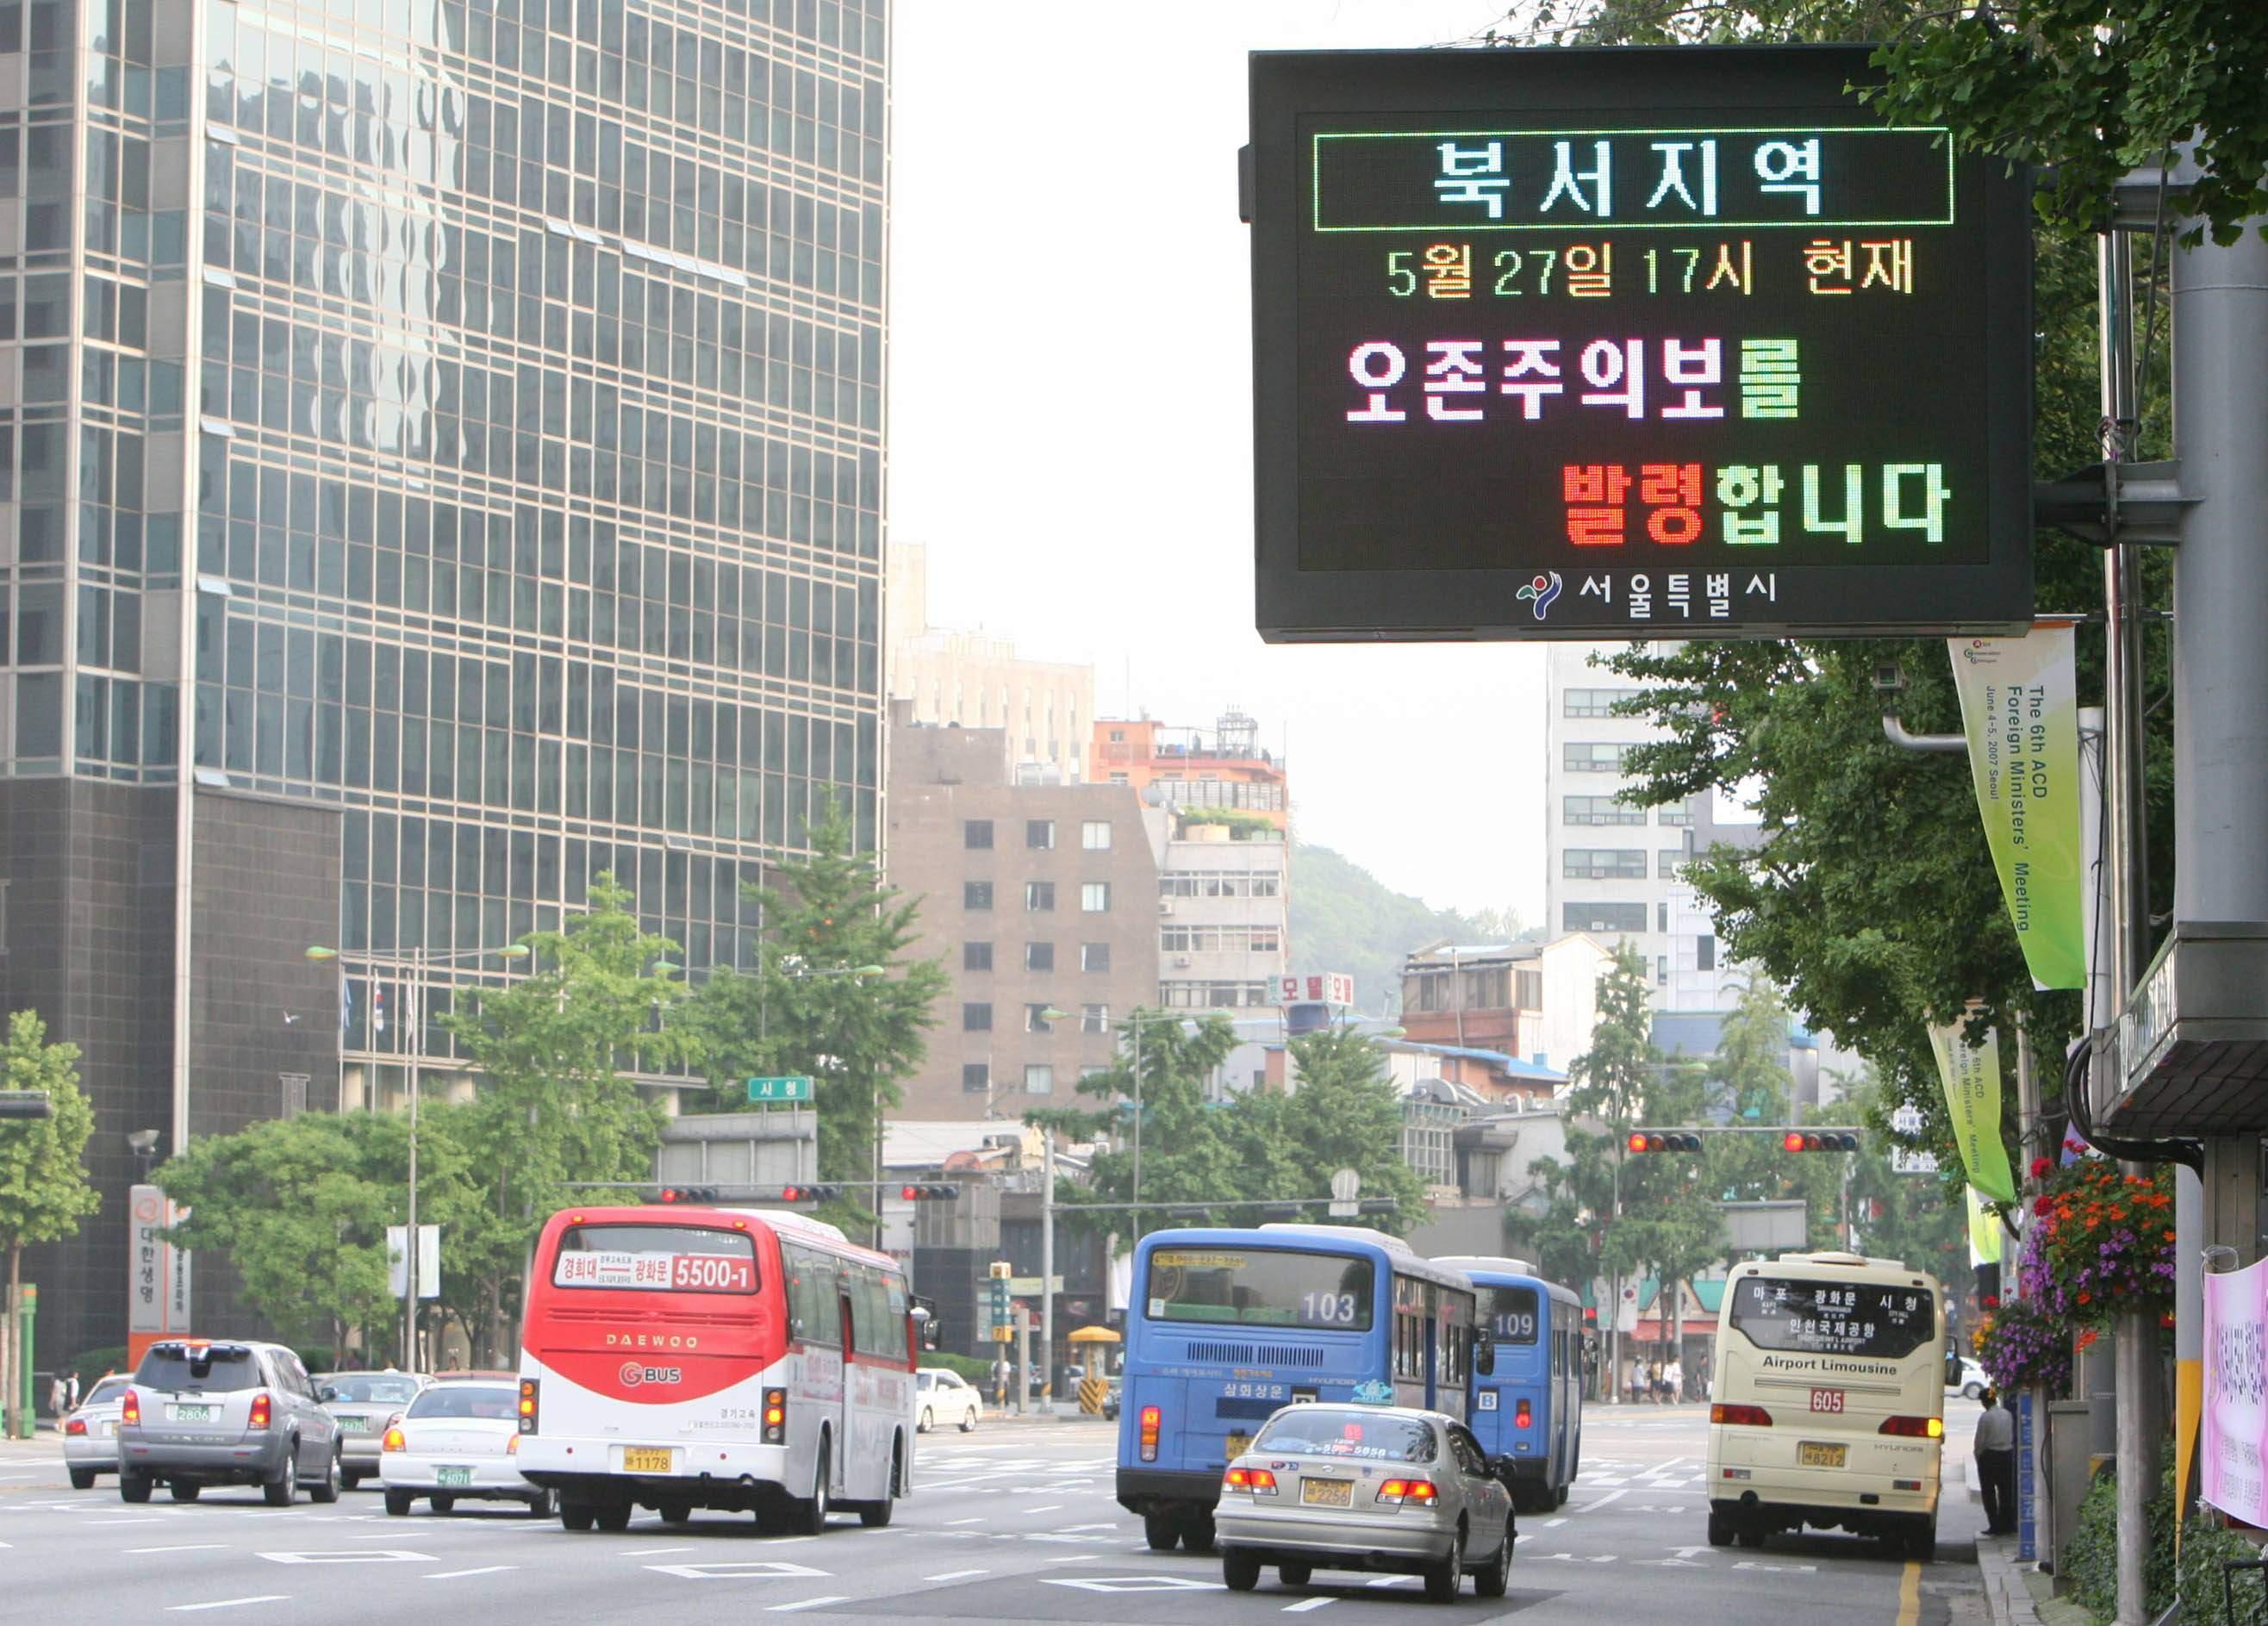 2015년 5월 27일 오존주의보가 발령됐을 당시의 거리 전광판. 오존주의보는 오존 농도가 0.12ppm 이상인 상태가 한 시간 이상 지속될 때 발령된다.